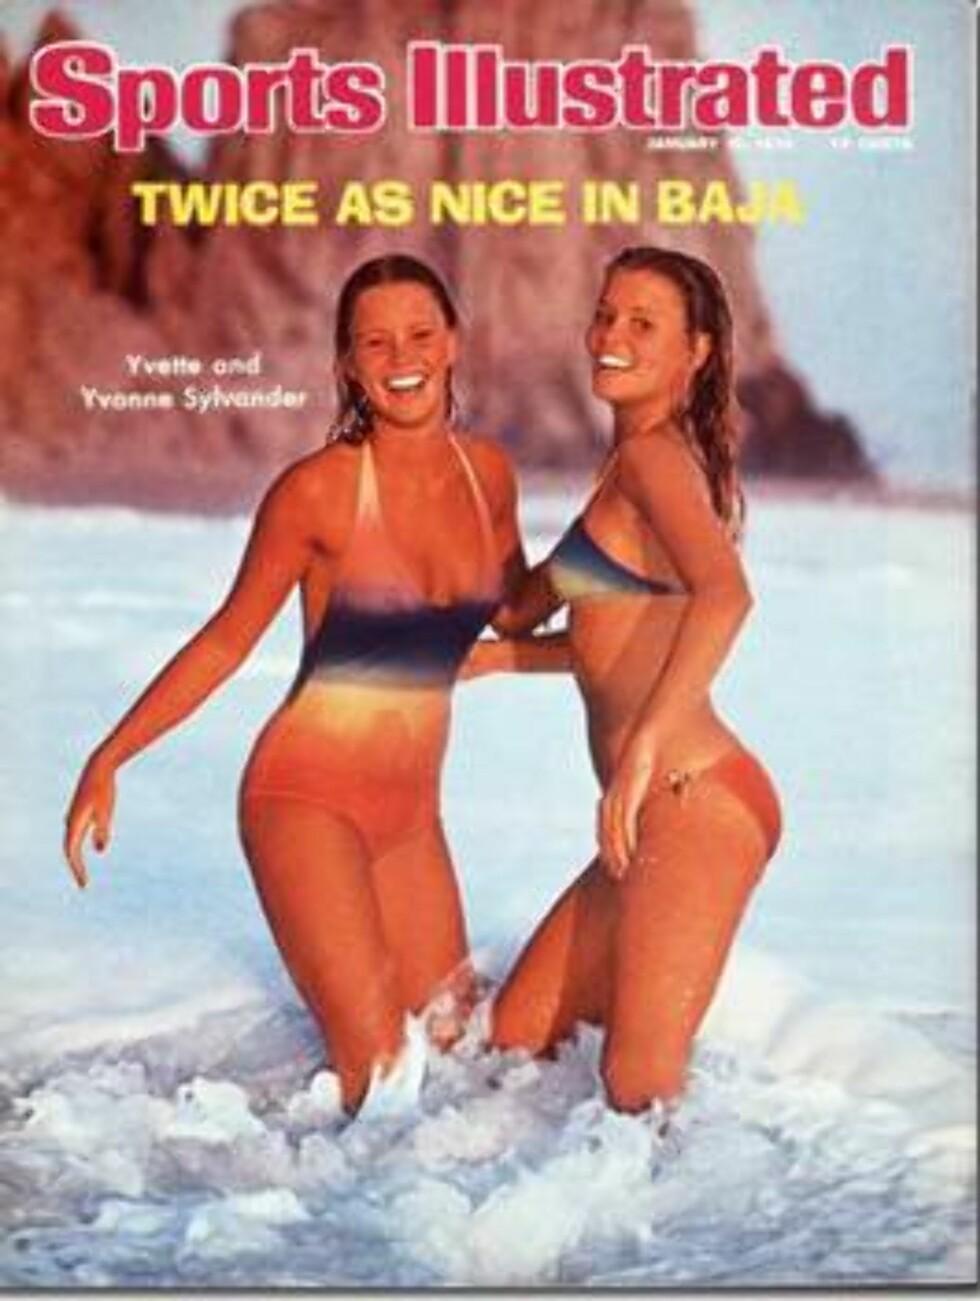 1976. Twice as nice! Det kan vi jo si oss enige i.  Modeller: Yvette og Yvonne Sylvander. Foto: Sports Illustrated